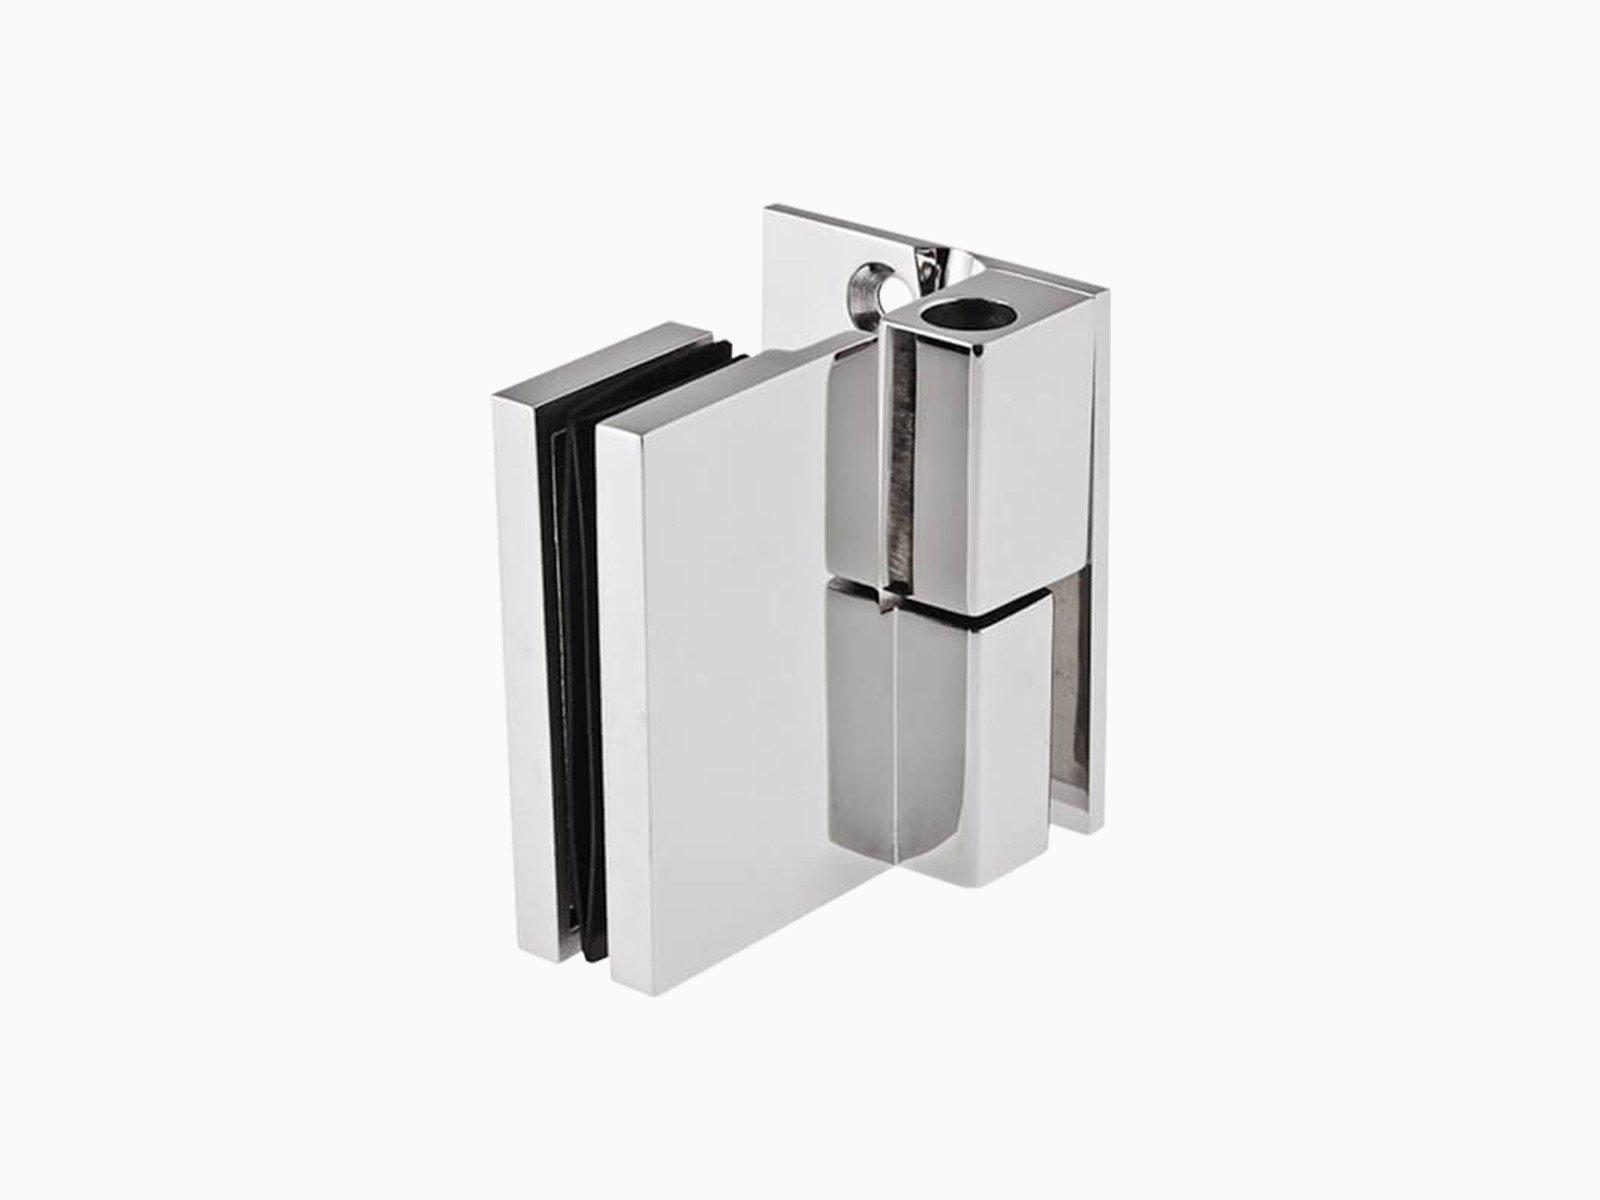 glasbeschlag-netto-mit-hebe-senk-mechanismus-und-sichtbaren-verschraubungen-in-hochglaenzendem-edelstahl